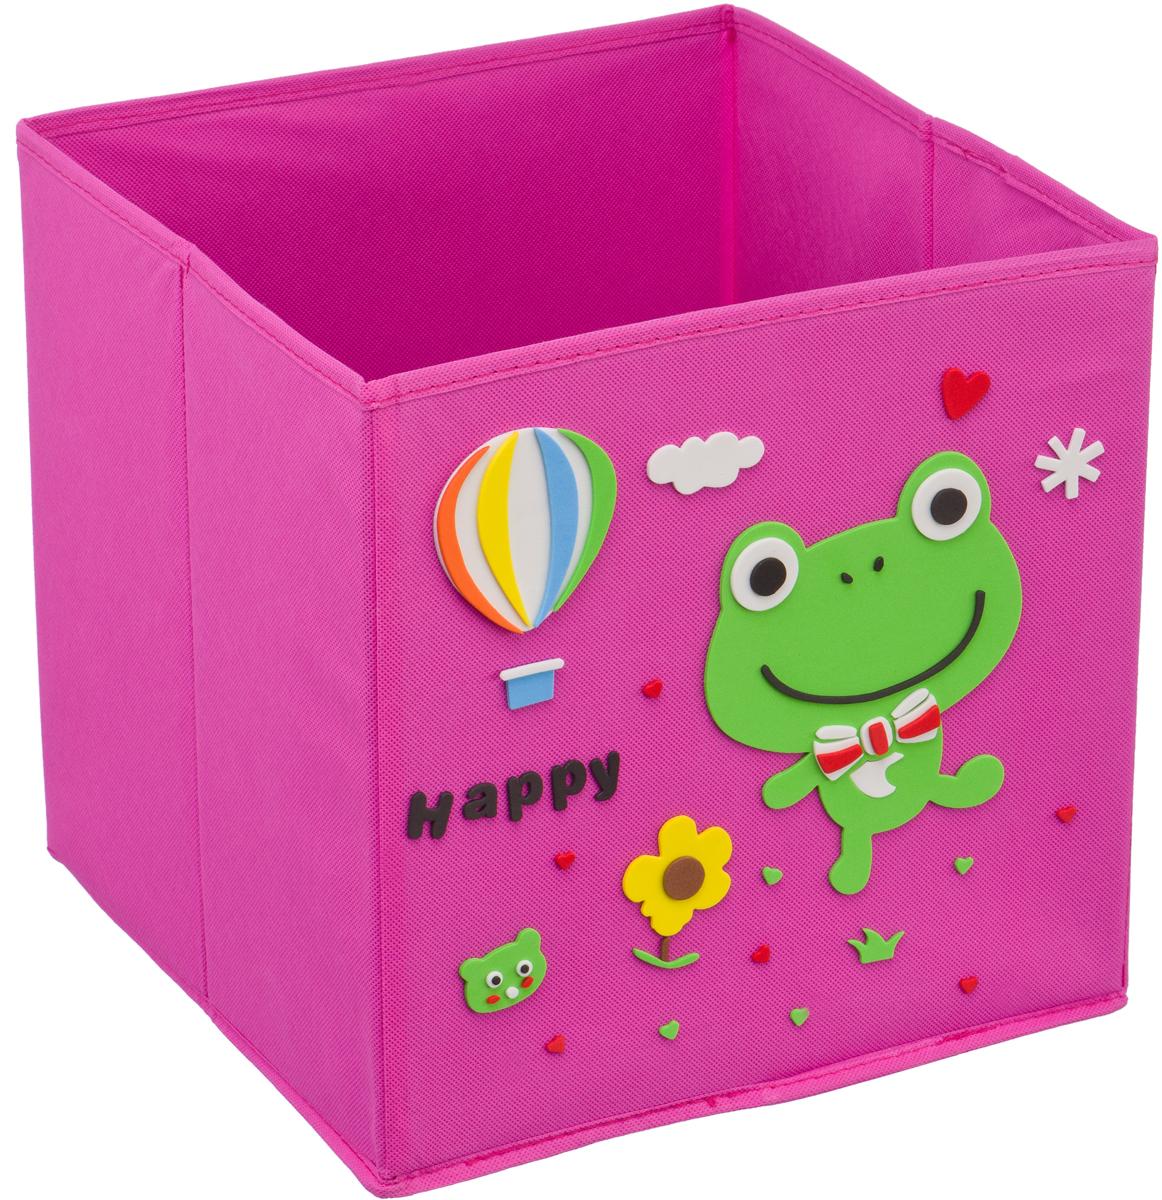 Кофр для хранения Handy Home Лягушонок, с аппликацией, цвет: розовыйUC-120Кофр с аппликацией - универсальная система для домашнего хранения, которая дополняется интересной аппликацией с эксклюзивным и веселым детским дизайном для оформления фронтальной стороны короба. Комплект представляет собой складной короб из нетканого материала и картона, плюс самоклеящаяся аппликация из полимера, которую необходимо самому собрать в картину.Соберите всю увлекательную коллекцию у себя дома.